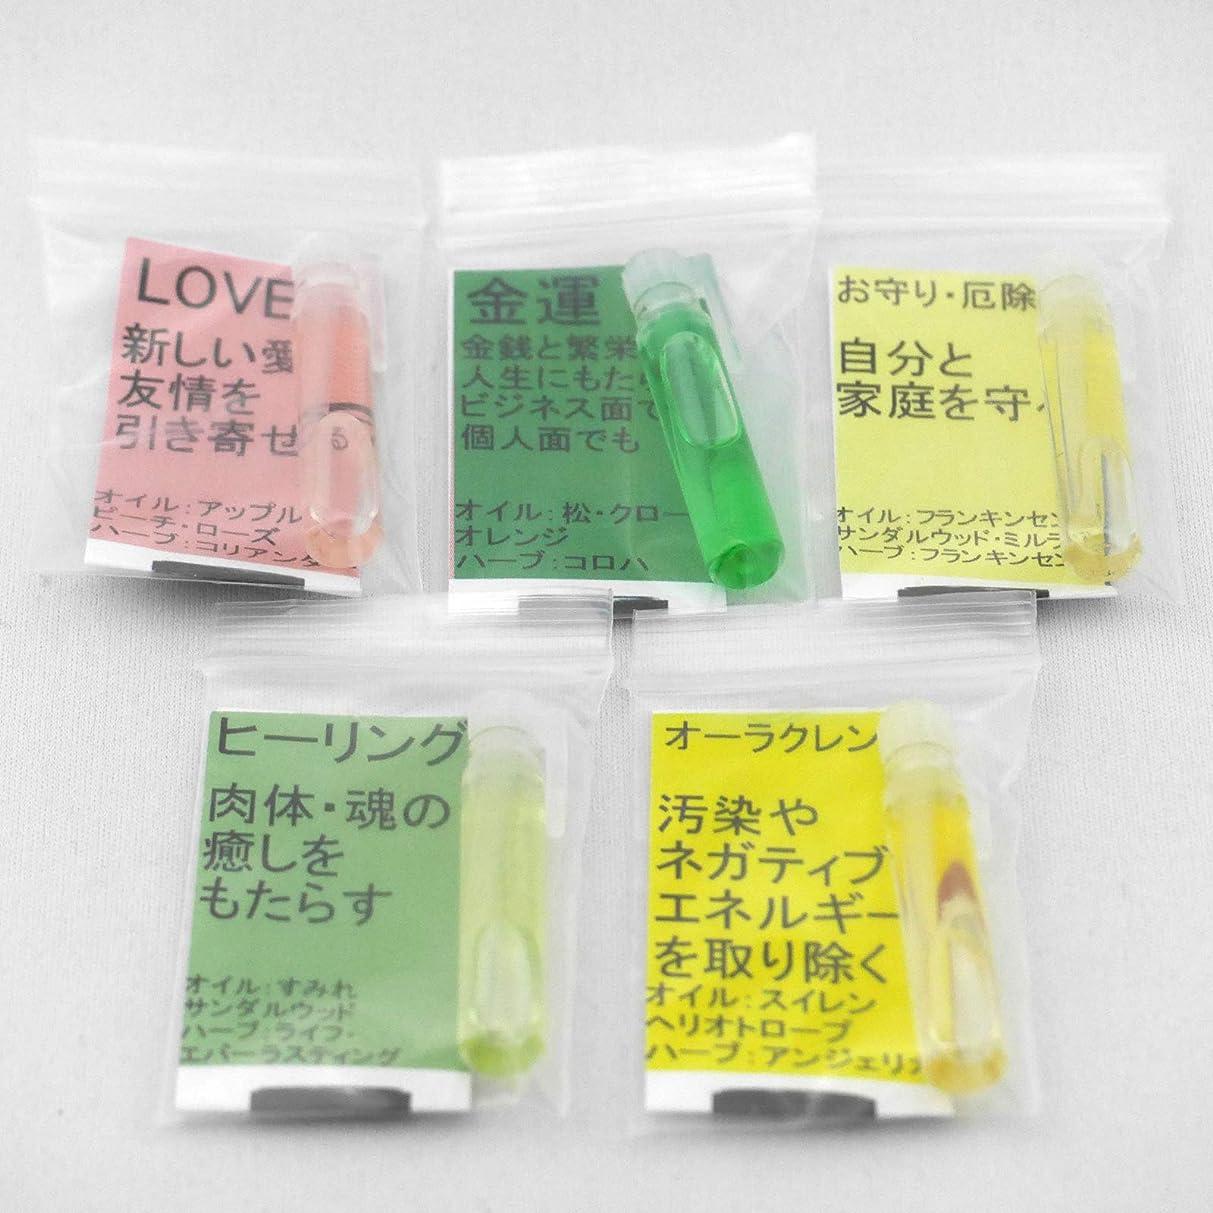 研磨噴火海港アンシェントメモリーオイル 基本の5本小分けセット(LOVE?MoneyDraw?Protection?Healing?Aura Cleanse)